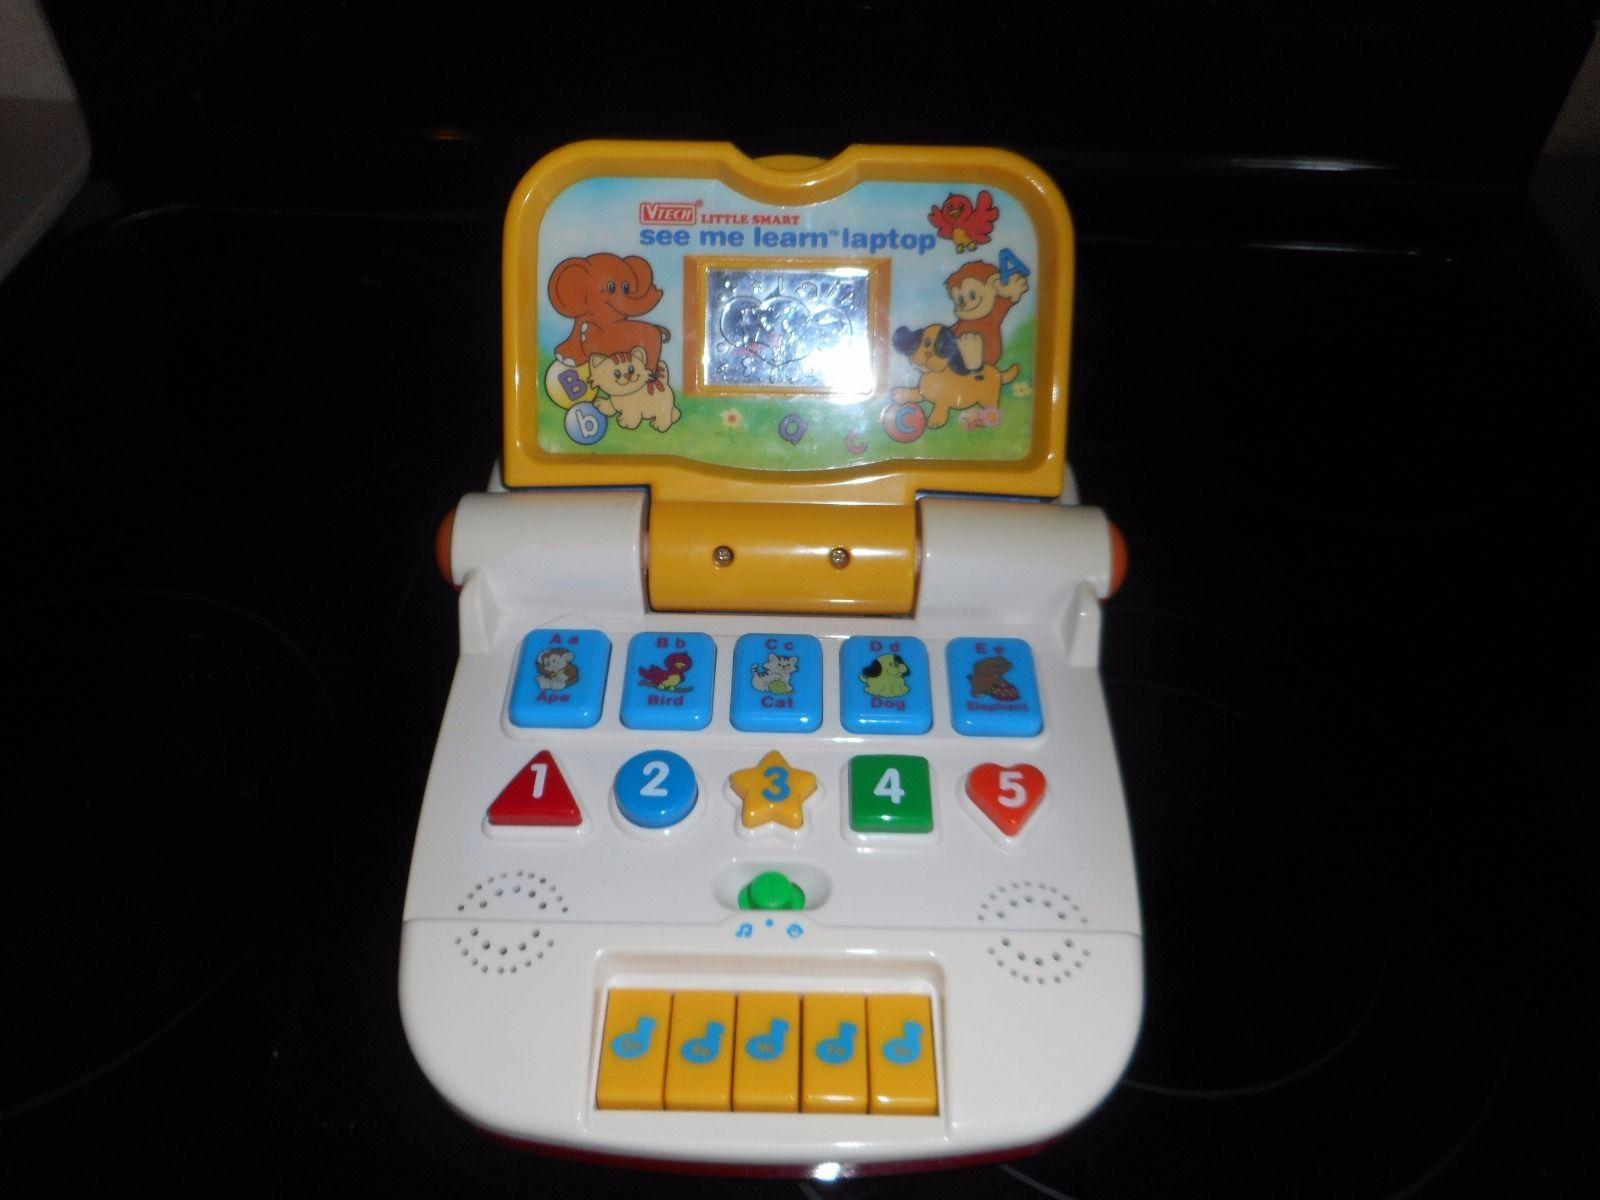 Vtech Little Smart See Me Learn Laptop Toys Wiki Fandom Powered